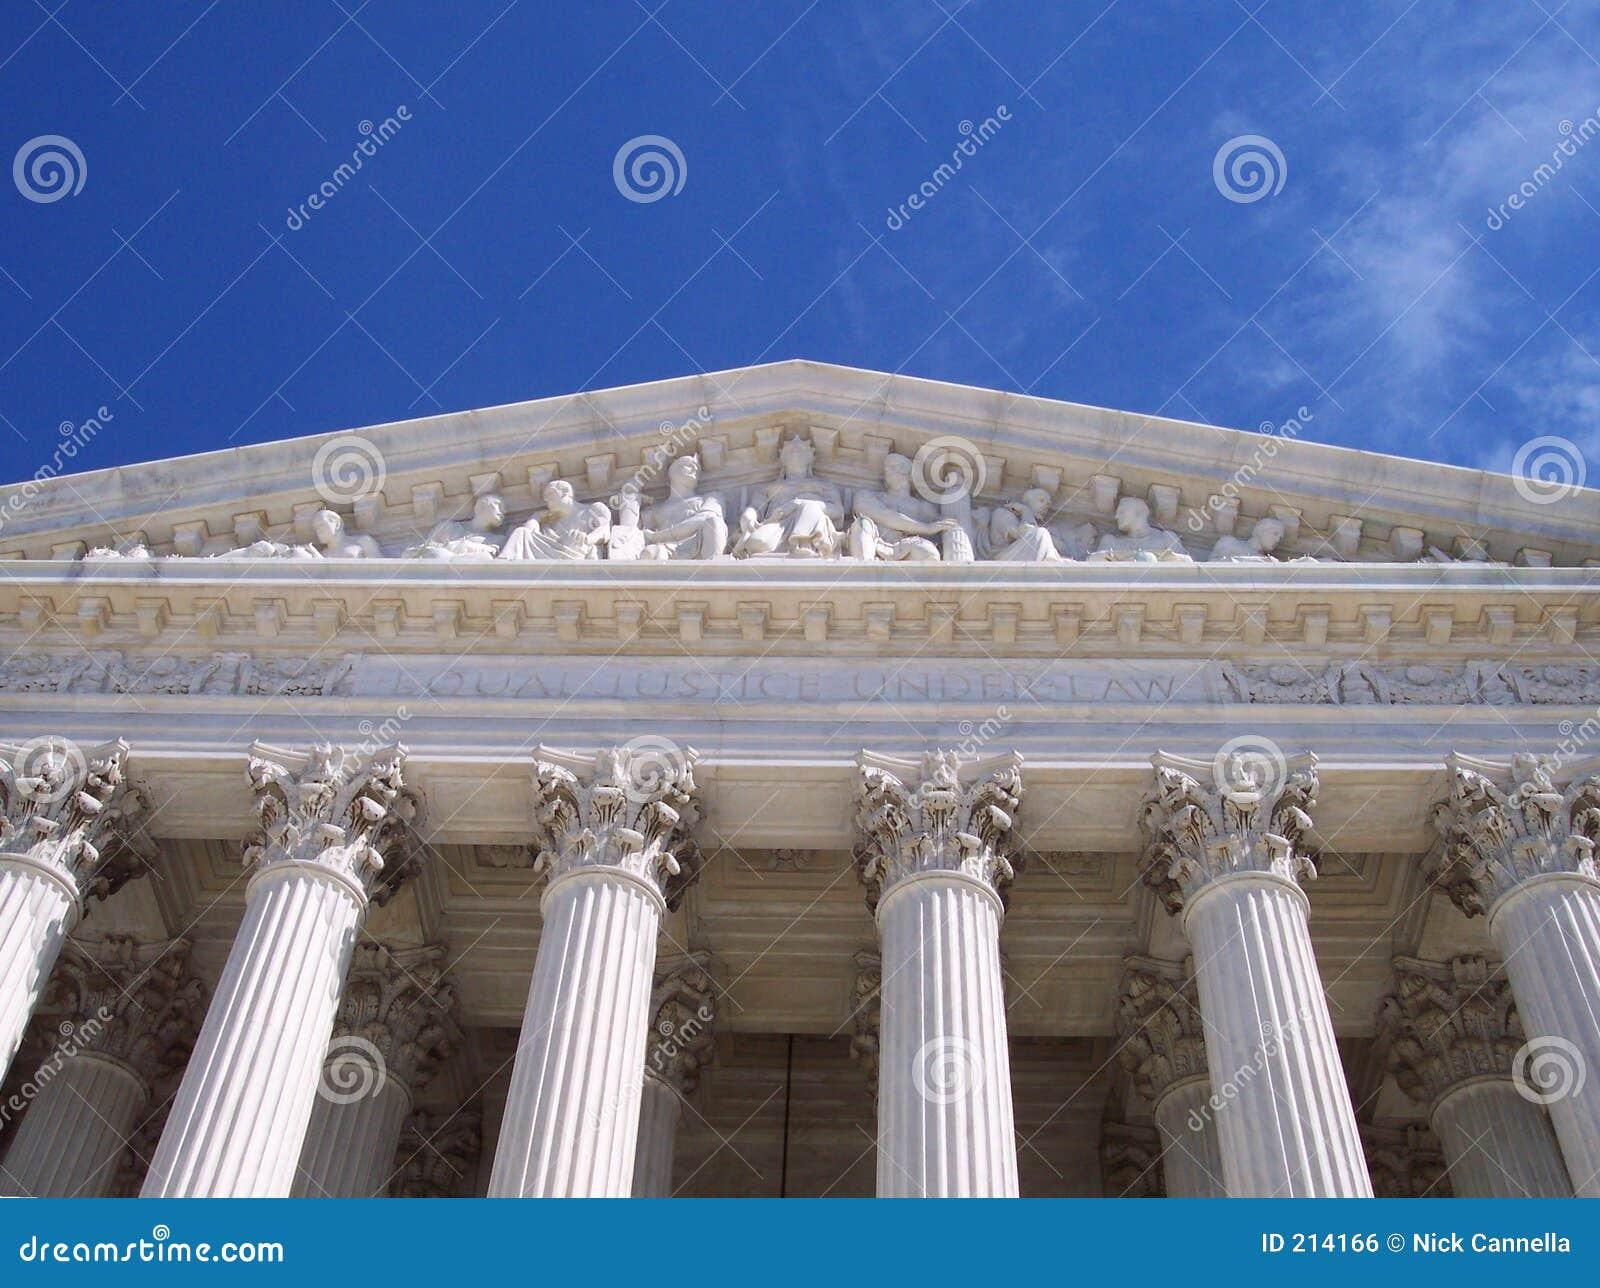 Giustizia uguale secondo legge